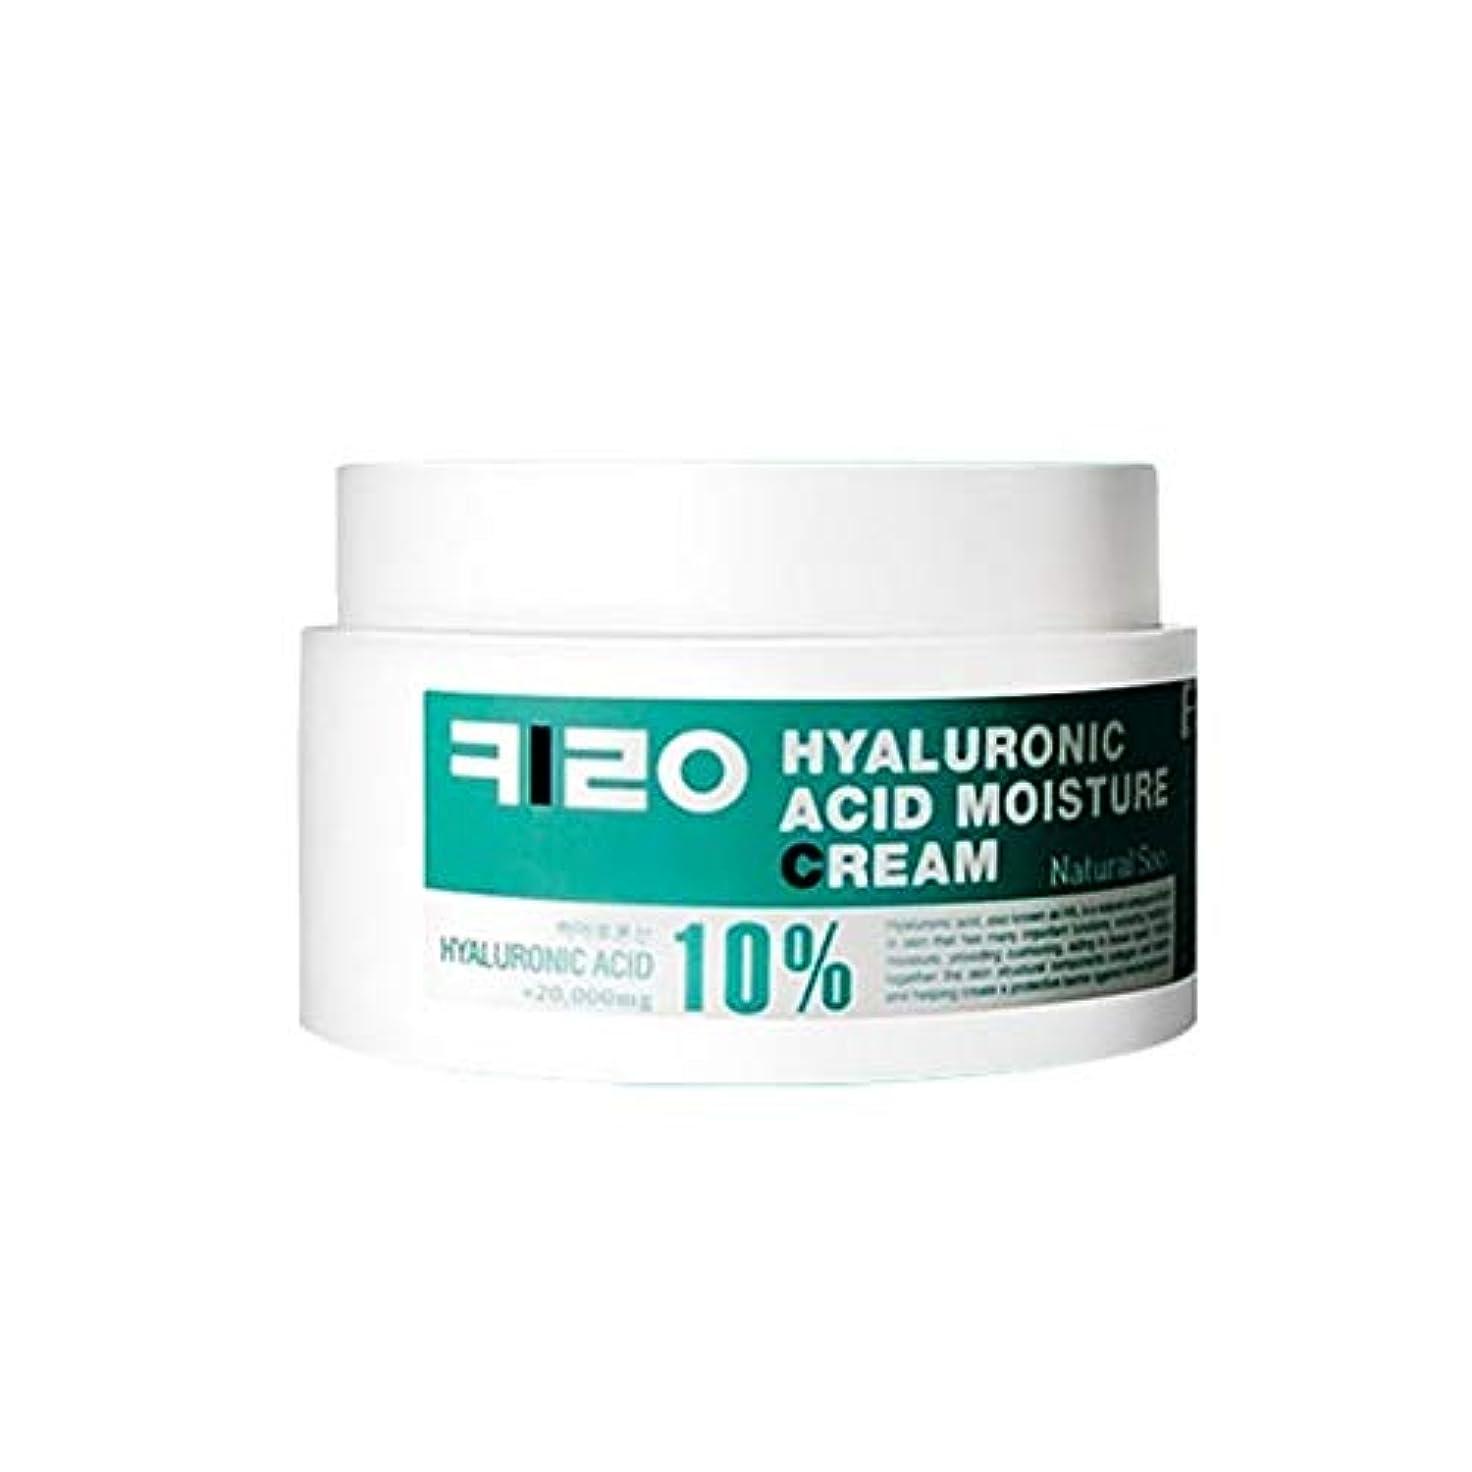 共同選択一時解雇するブランド名ナチュラルSooキーロヒアルロン酸モイスチャークリーム200g韓国コスメ、Natural Soo Hyaluronic Acid Moisture Cream 200g Korean Cosmetics [並行輸入品]